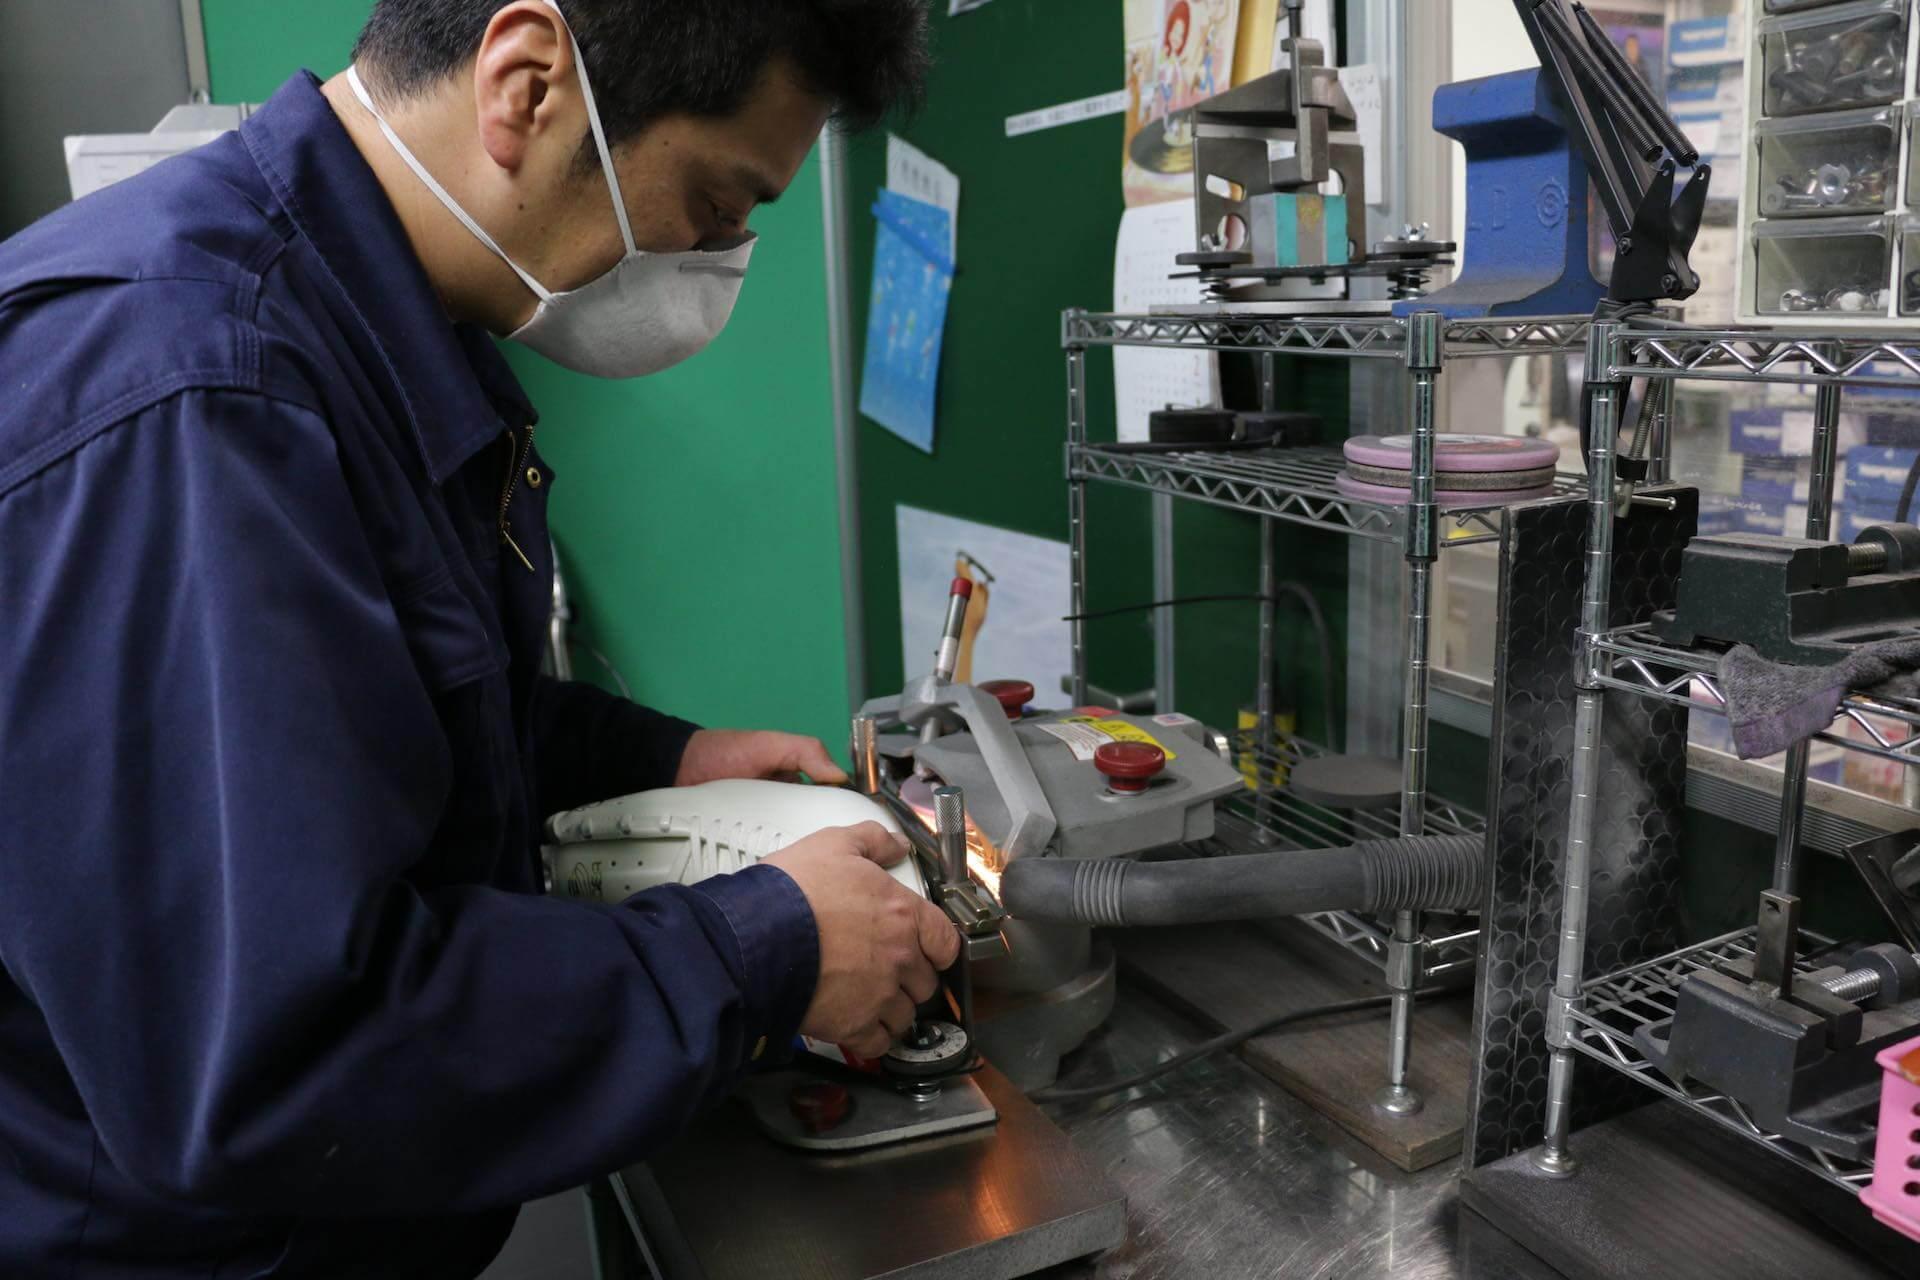 先ほどの機械研磨は、まさに精密機械の操作とリンクします